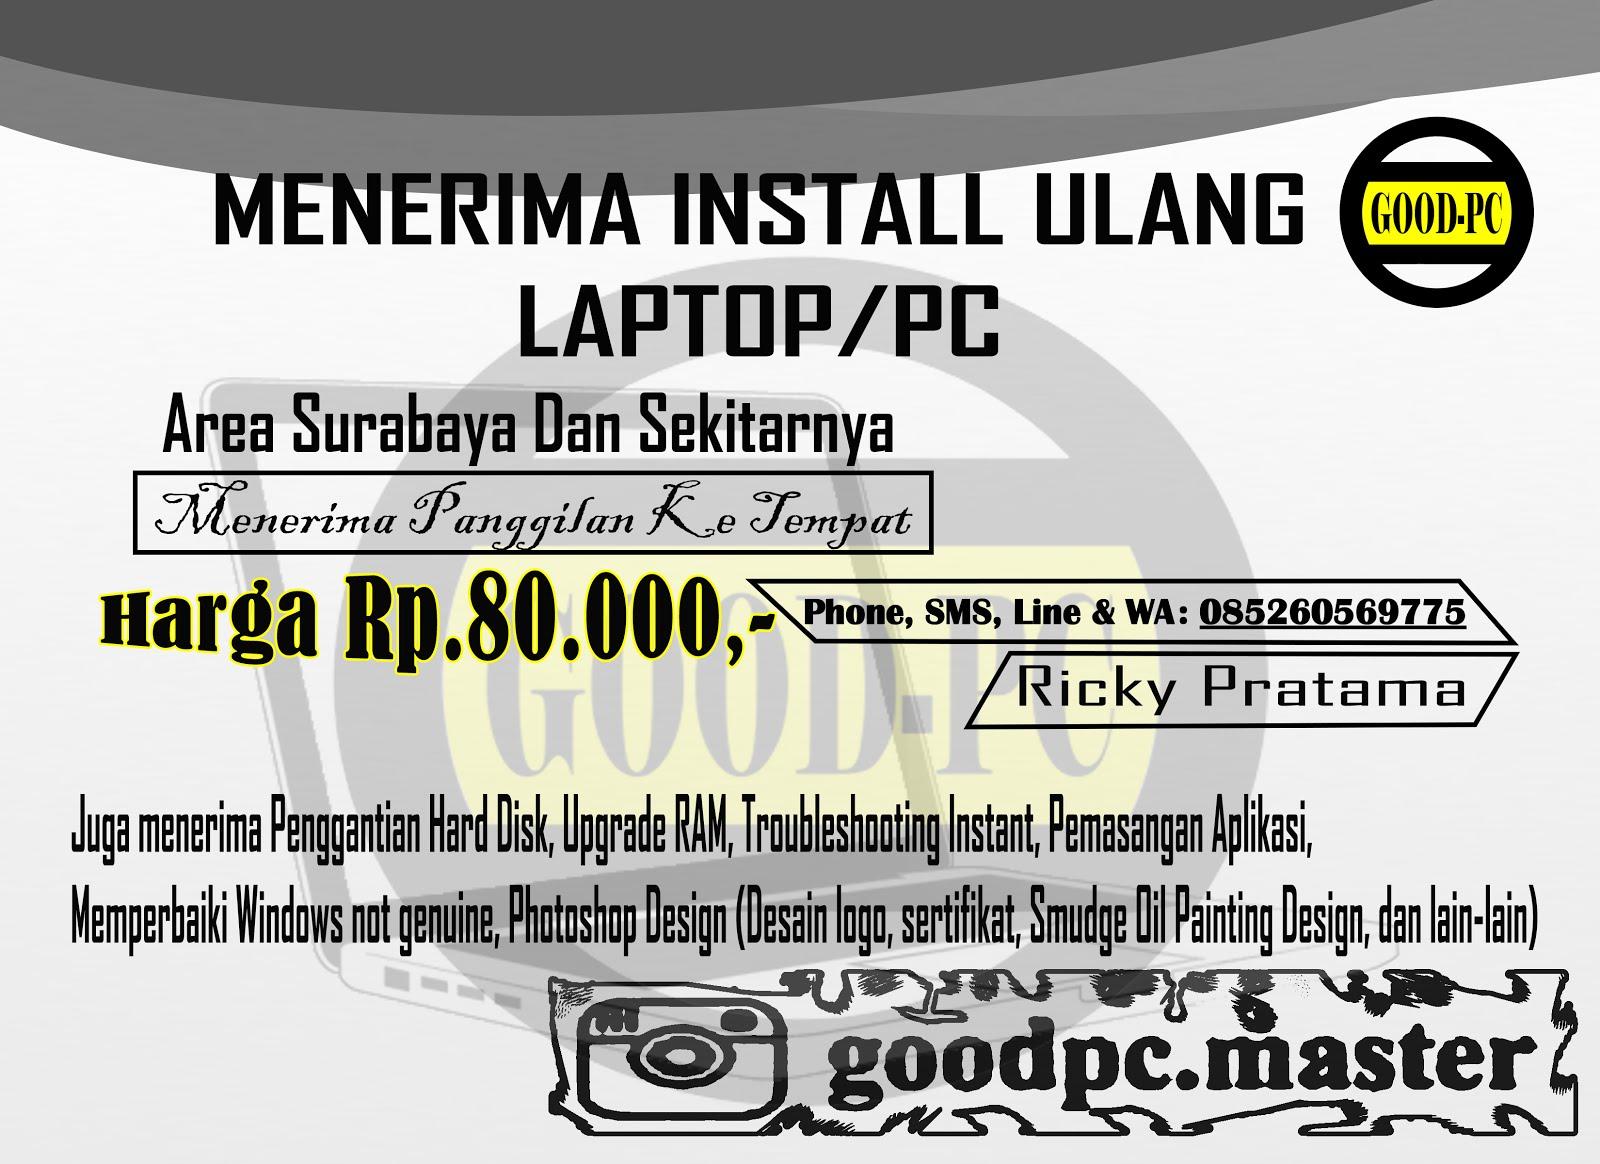 Install ulang Laptop Surabaya